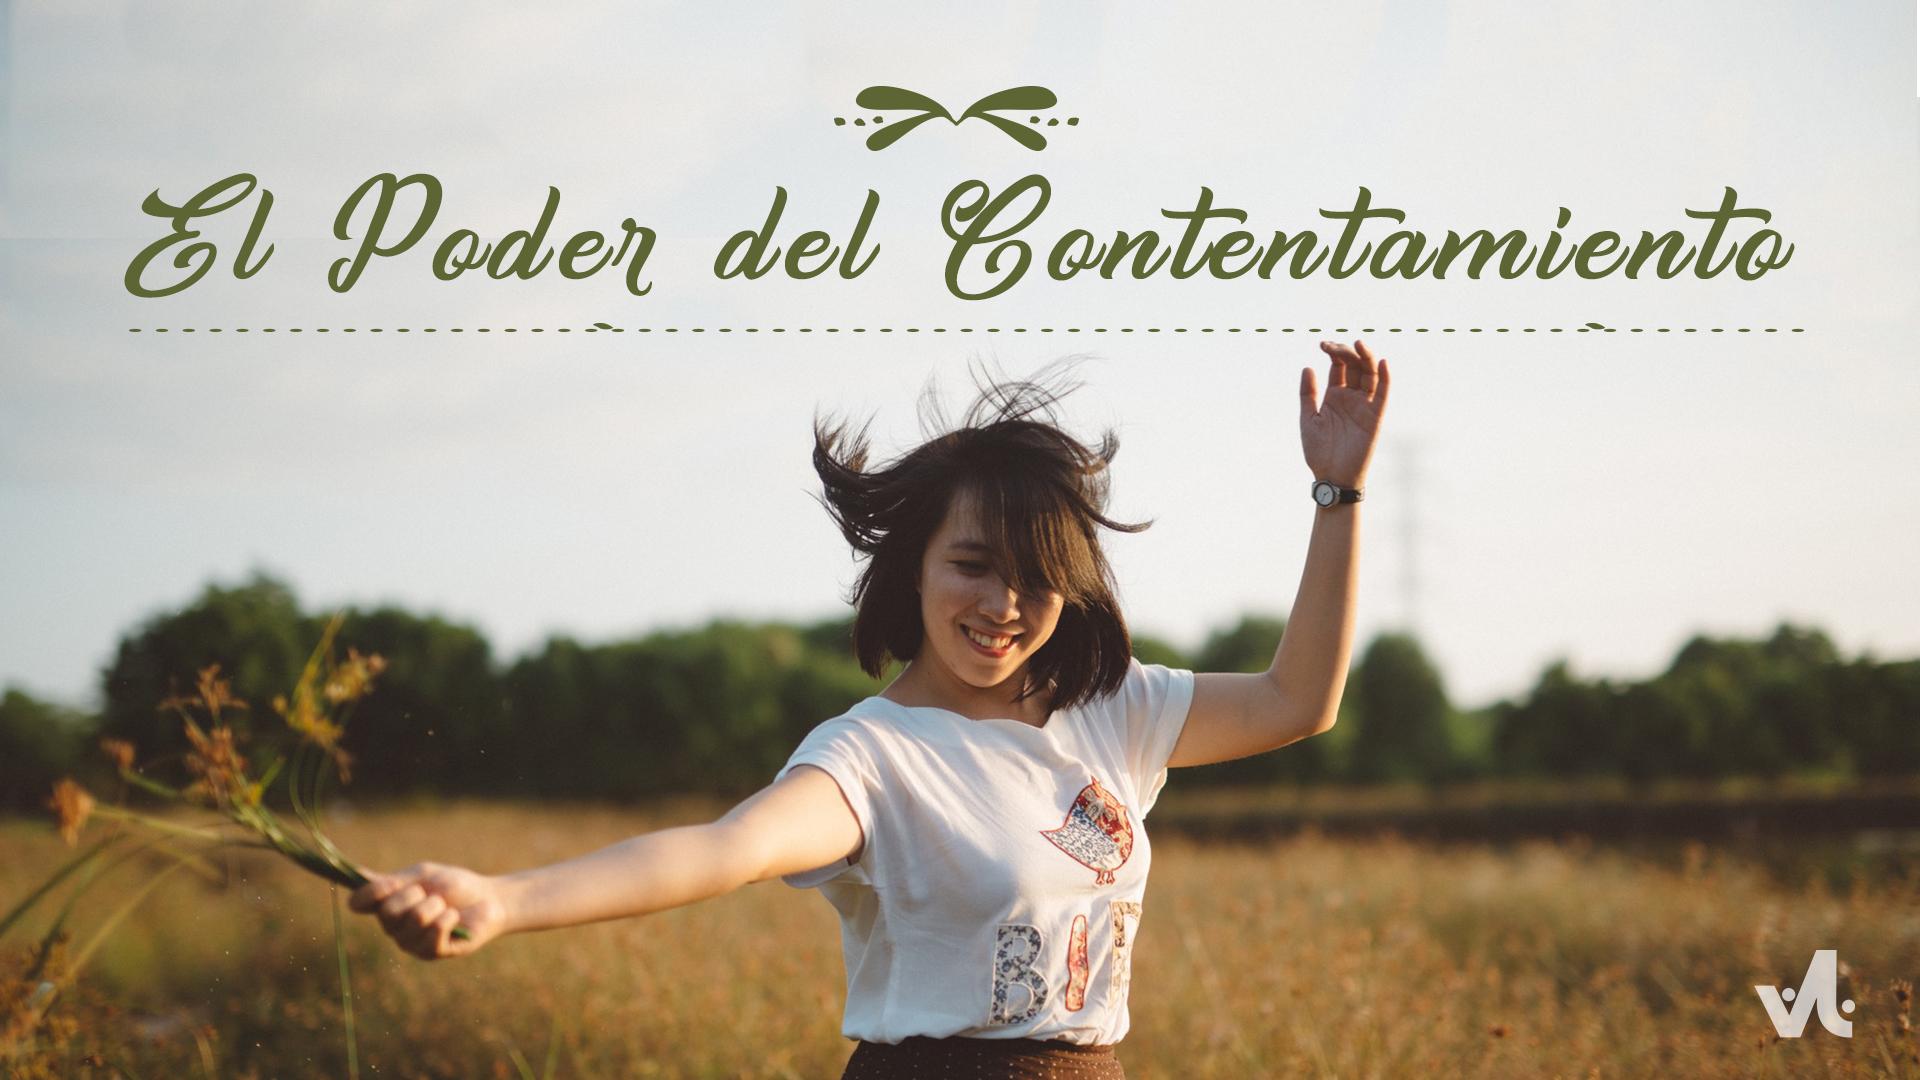 El Poder del Contentamiento